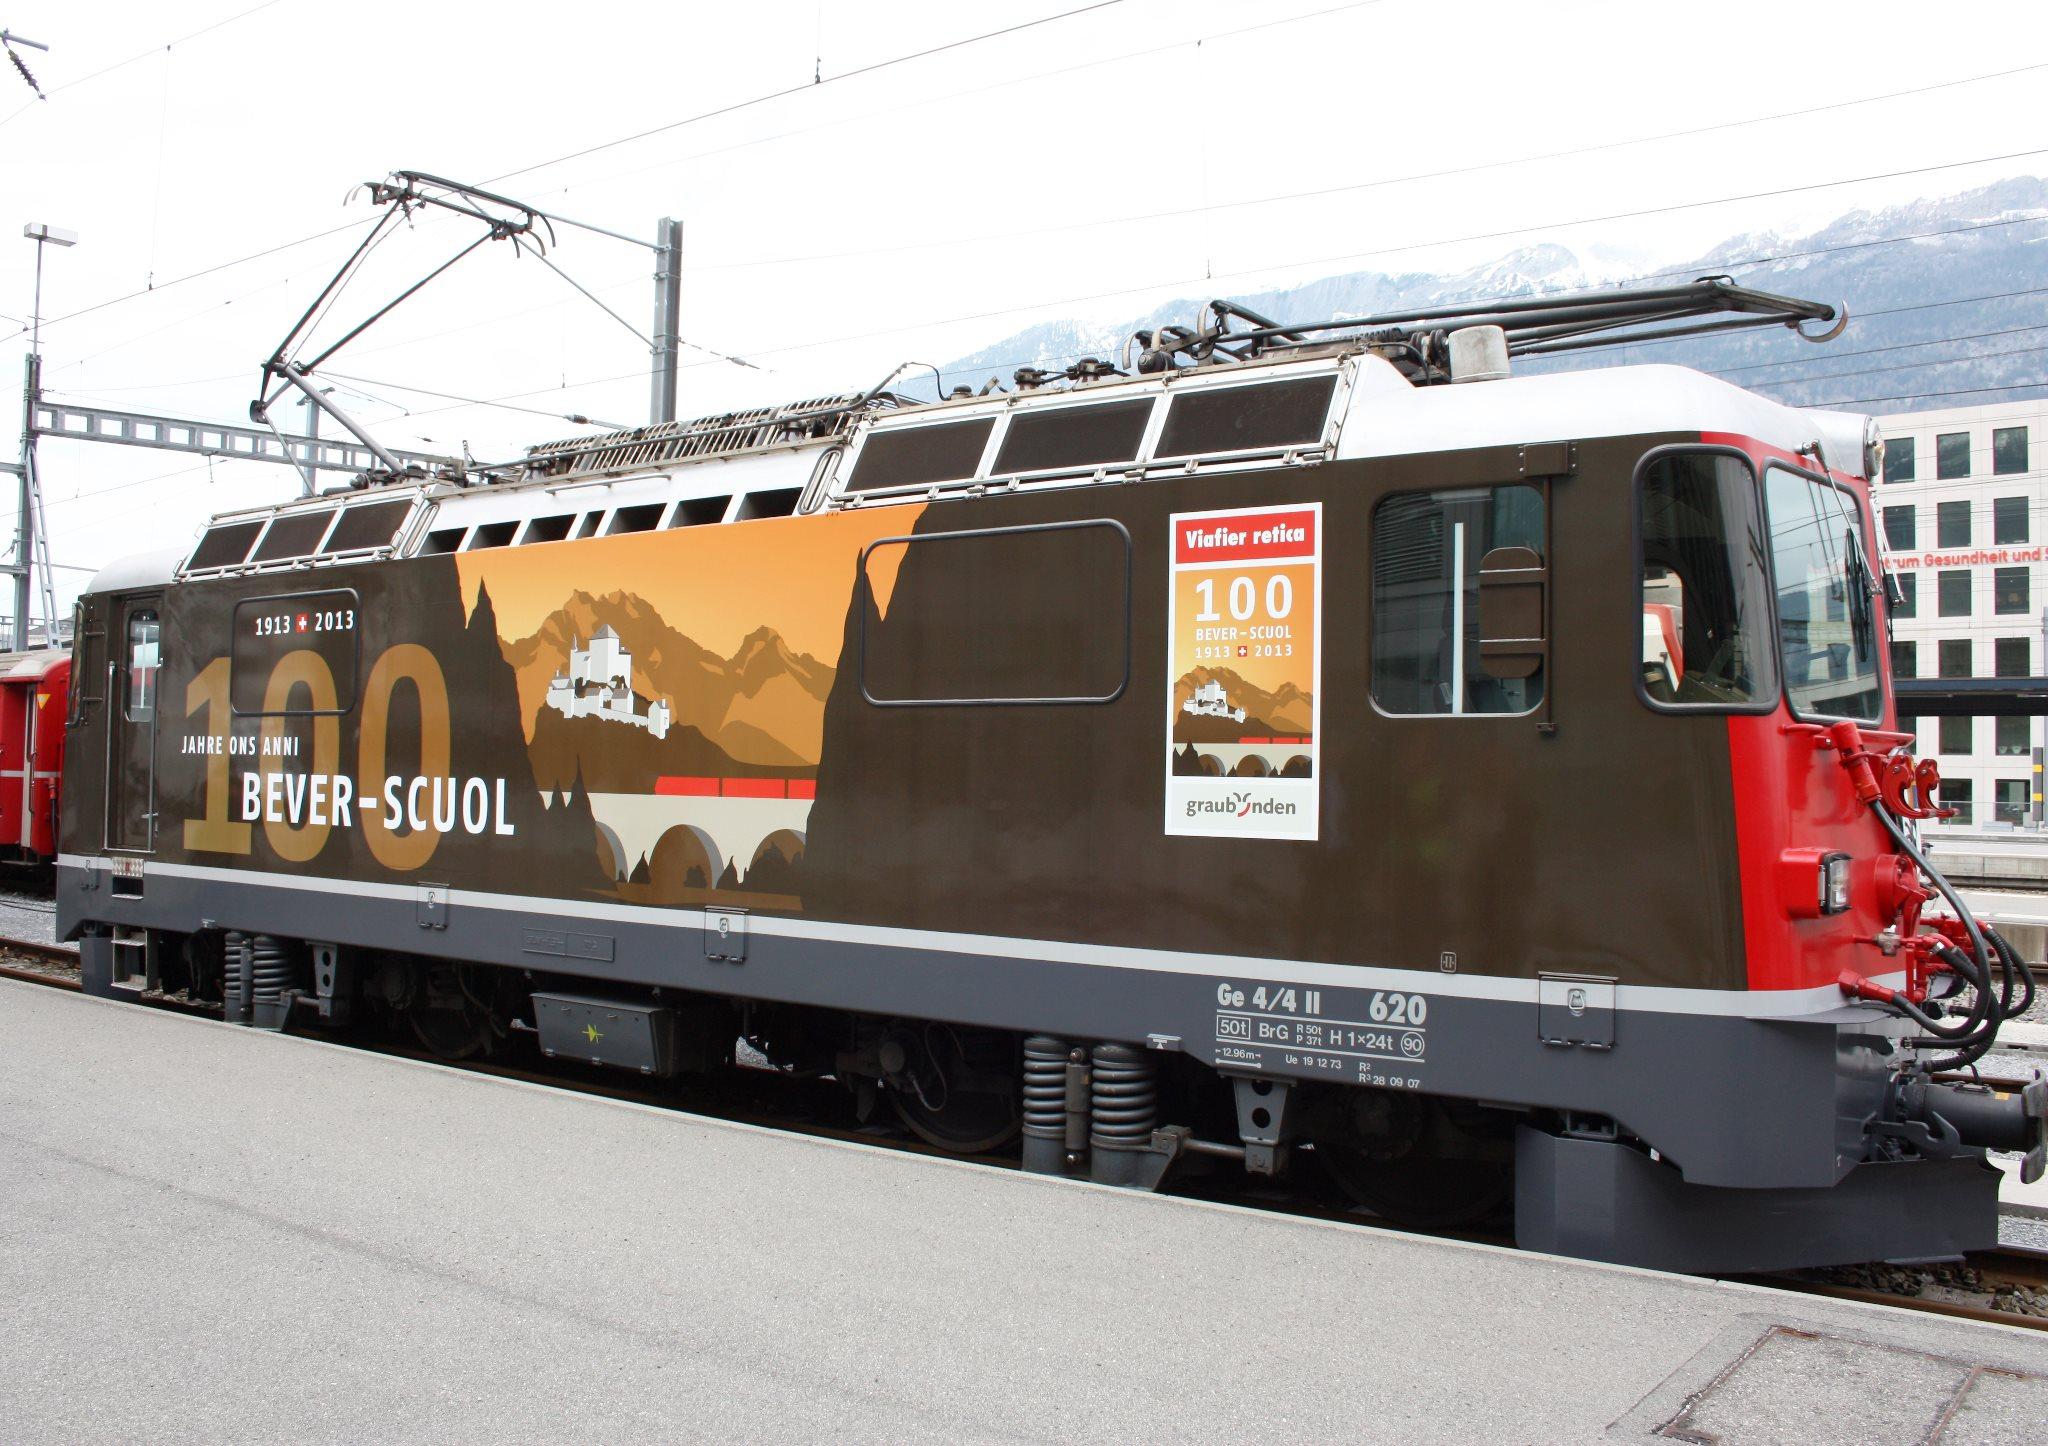 """La locomotvia da giubileum Ge 4/ II 620 """"Zernez"""" cun la designaziun """"100 onns Bever-Scuol""""."""